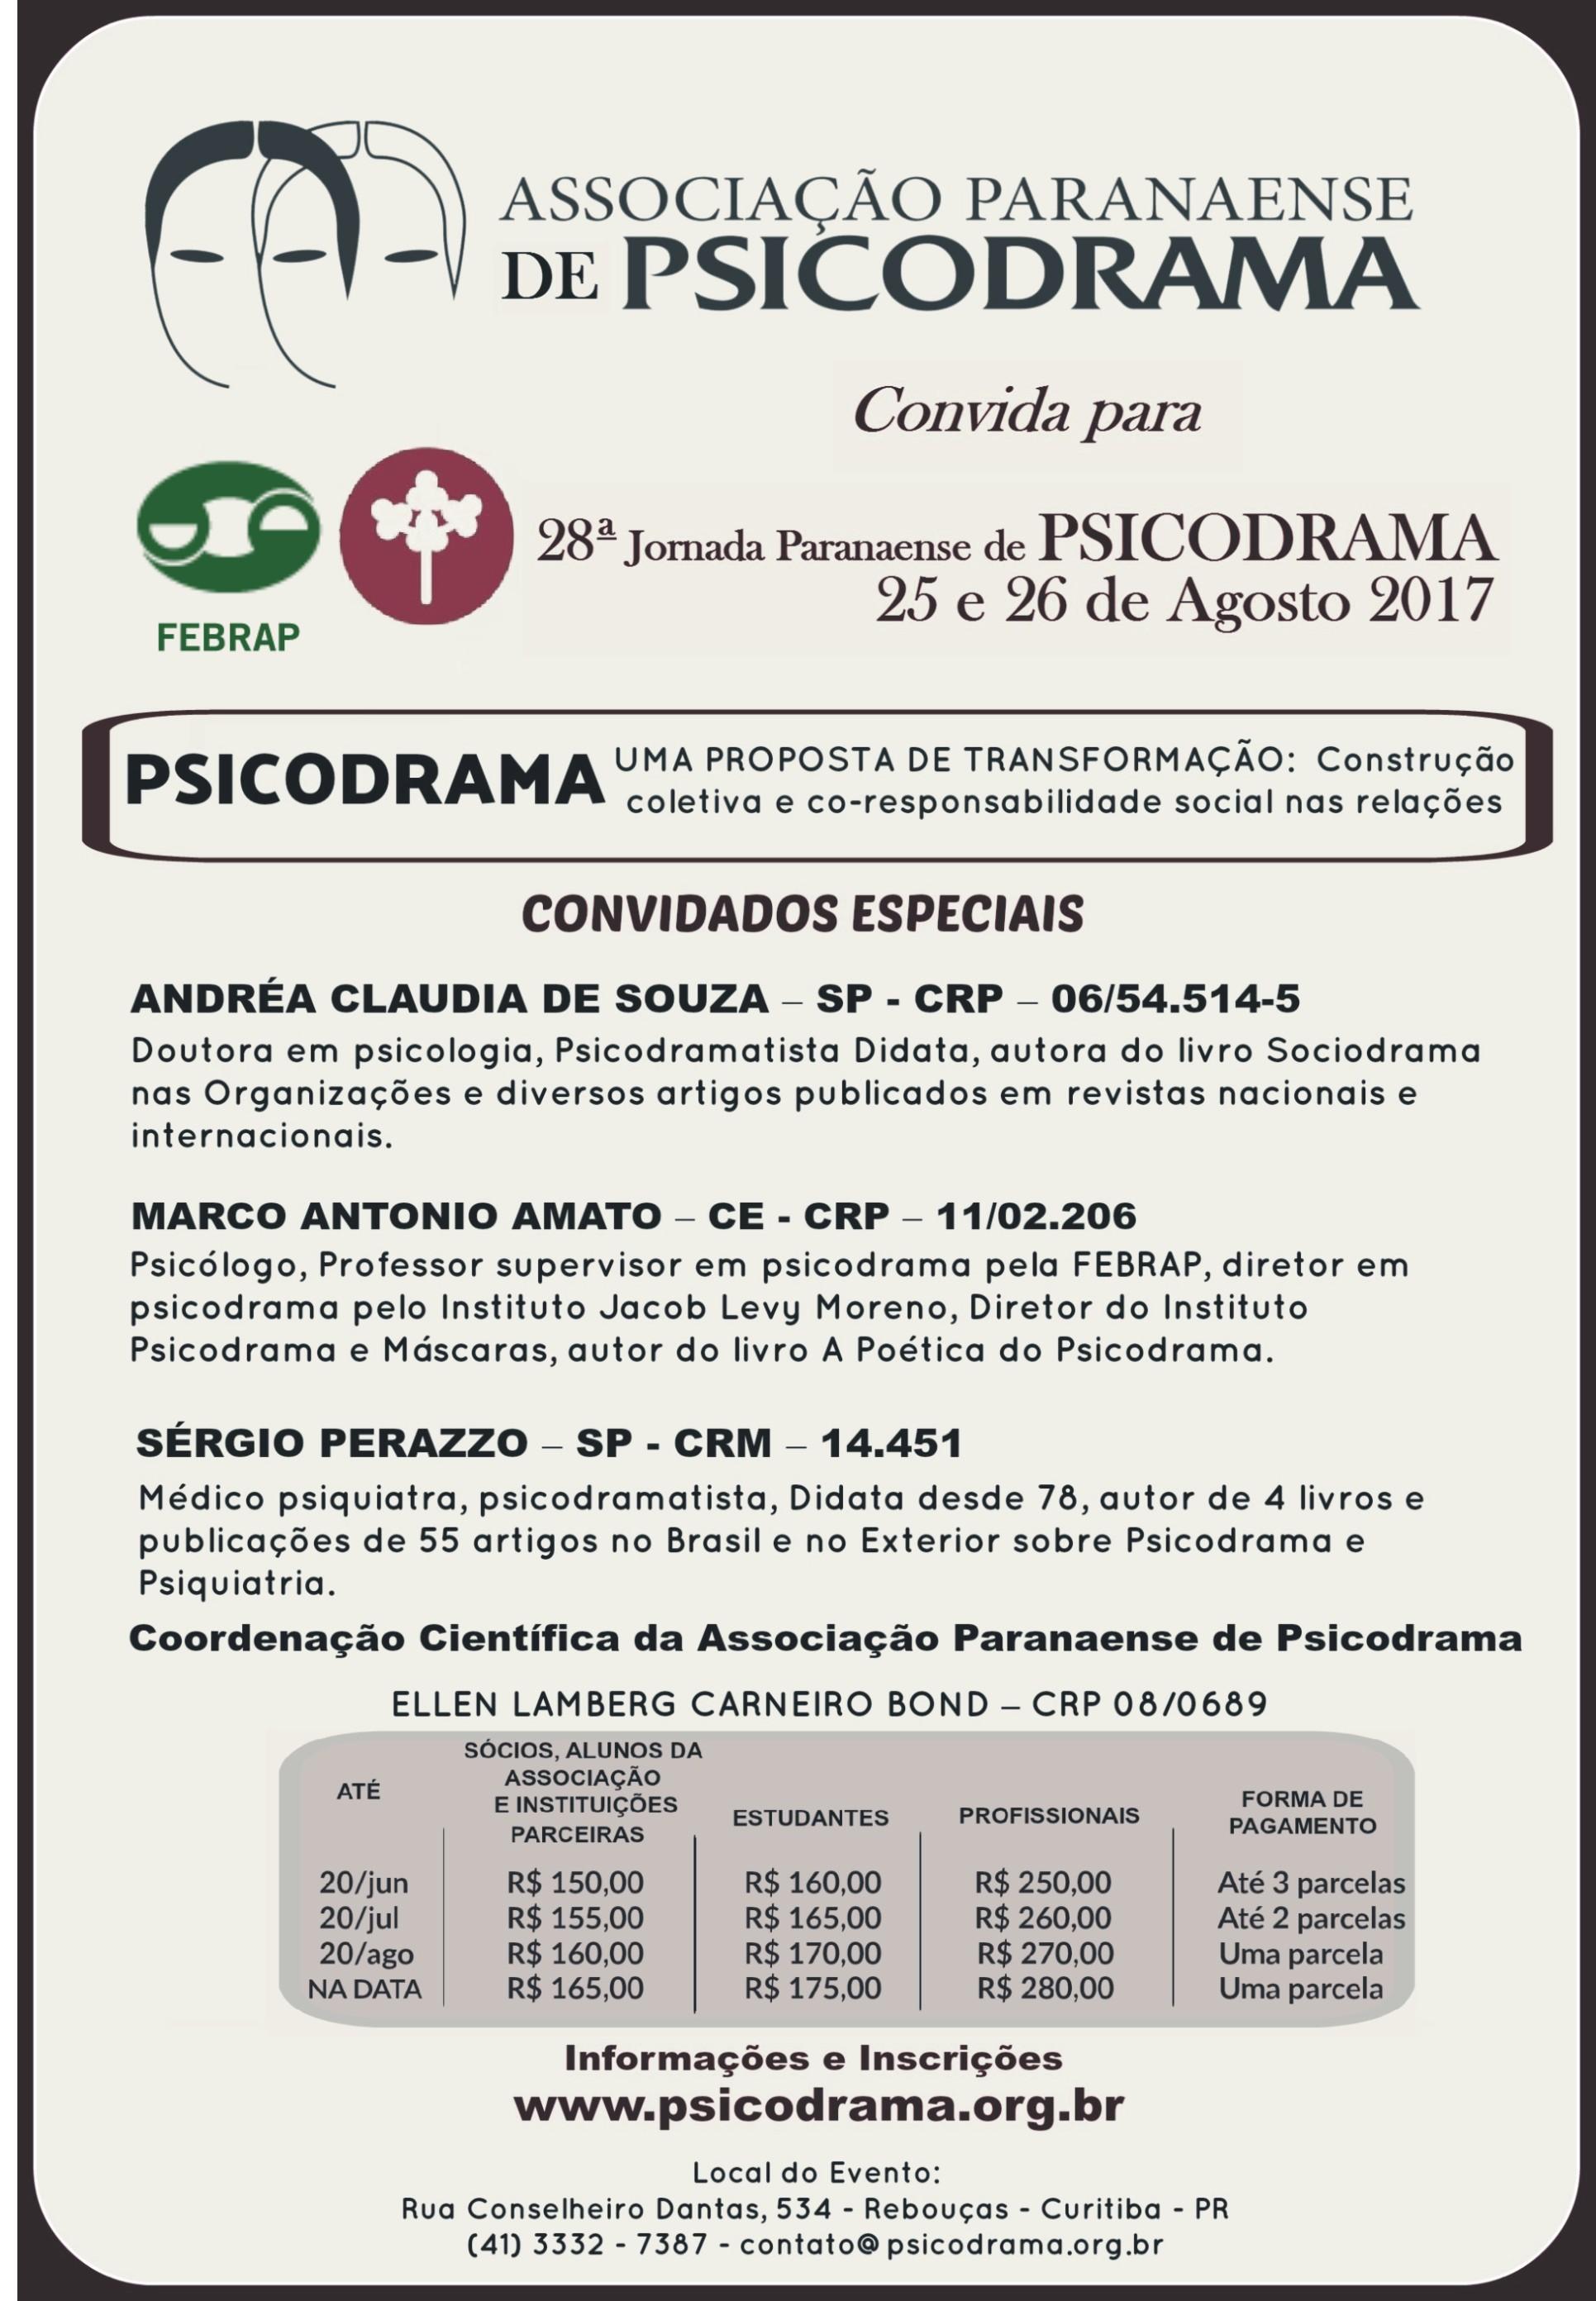 28ª Jornada Paranaense de Psicodrama – Uma proposta de transformação: Construção  Coletiva e co-responsabilid